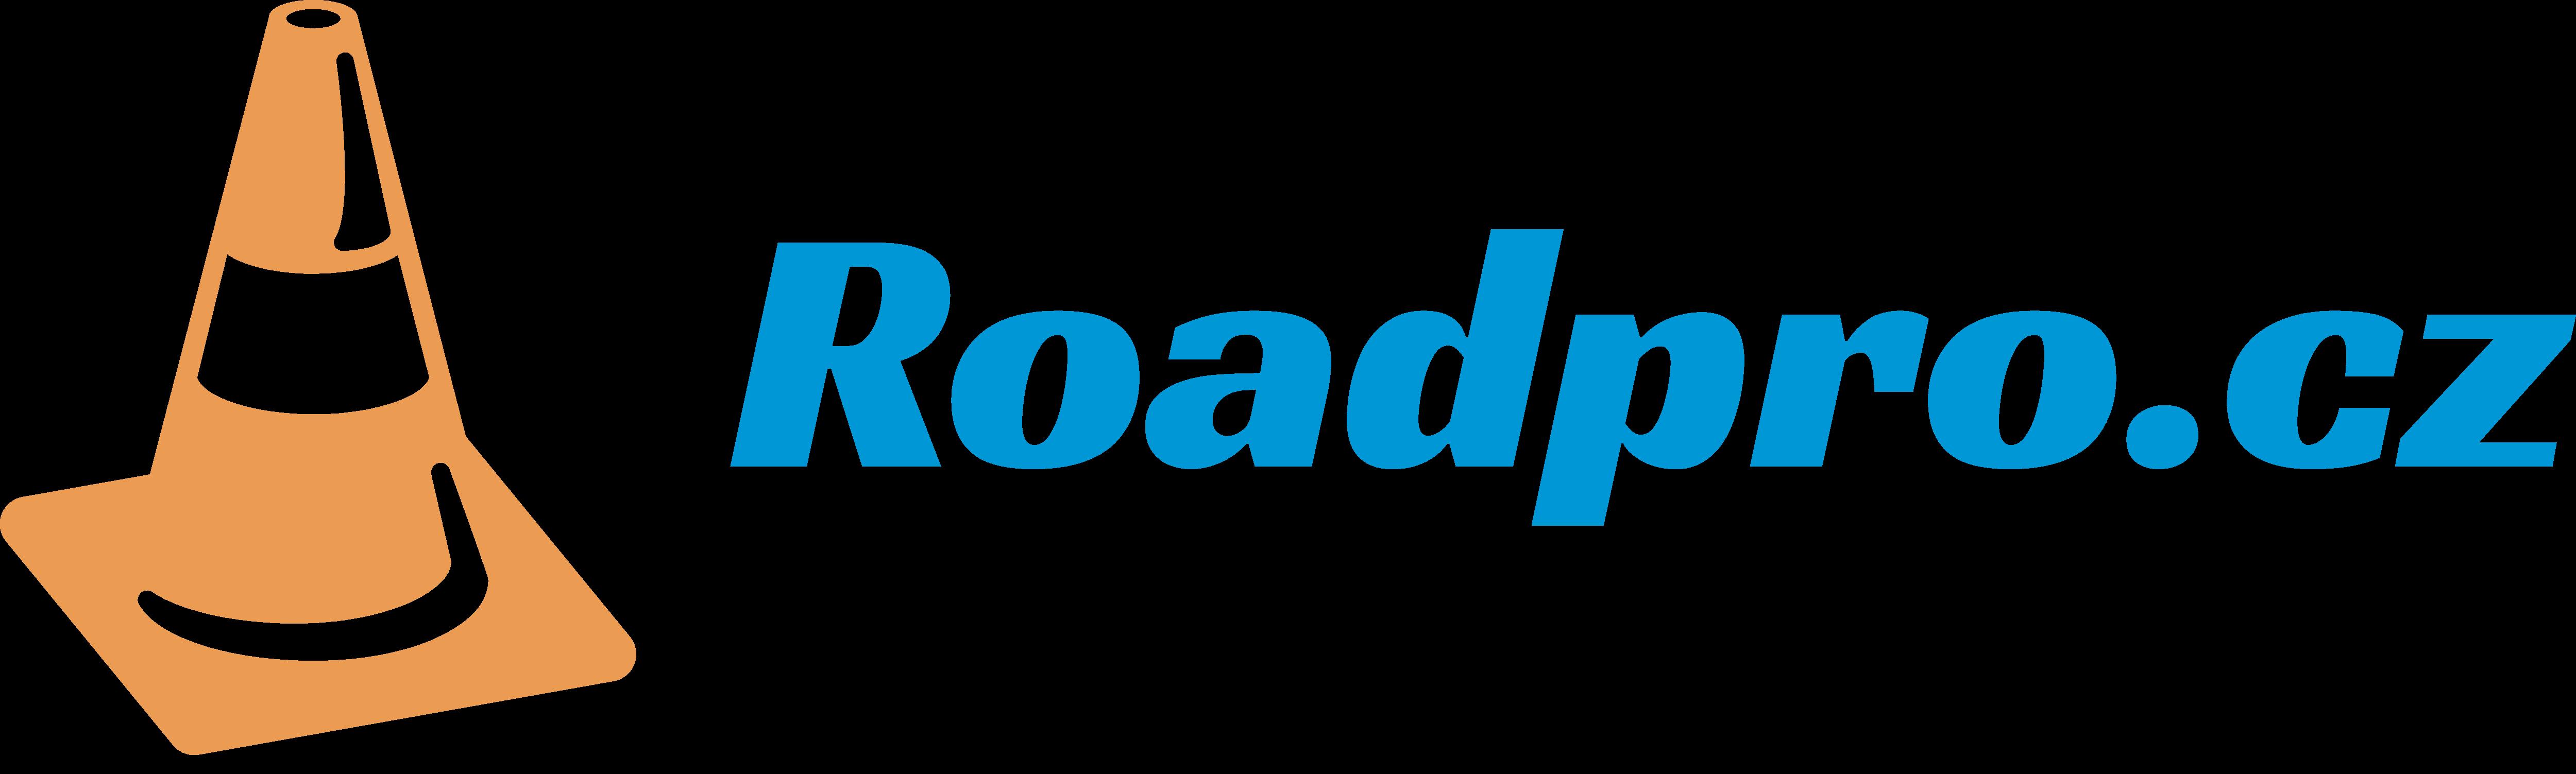 Roadpro.cz